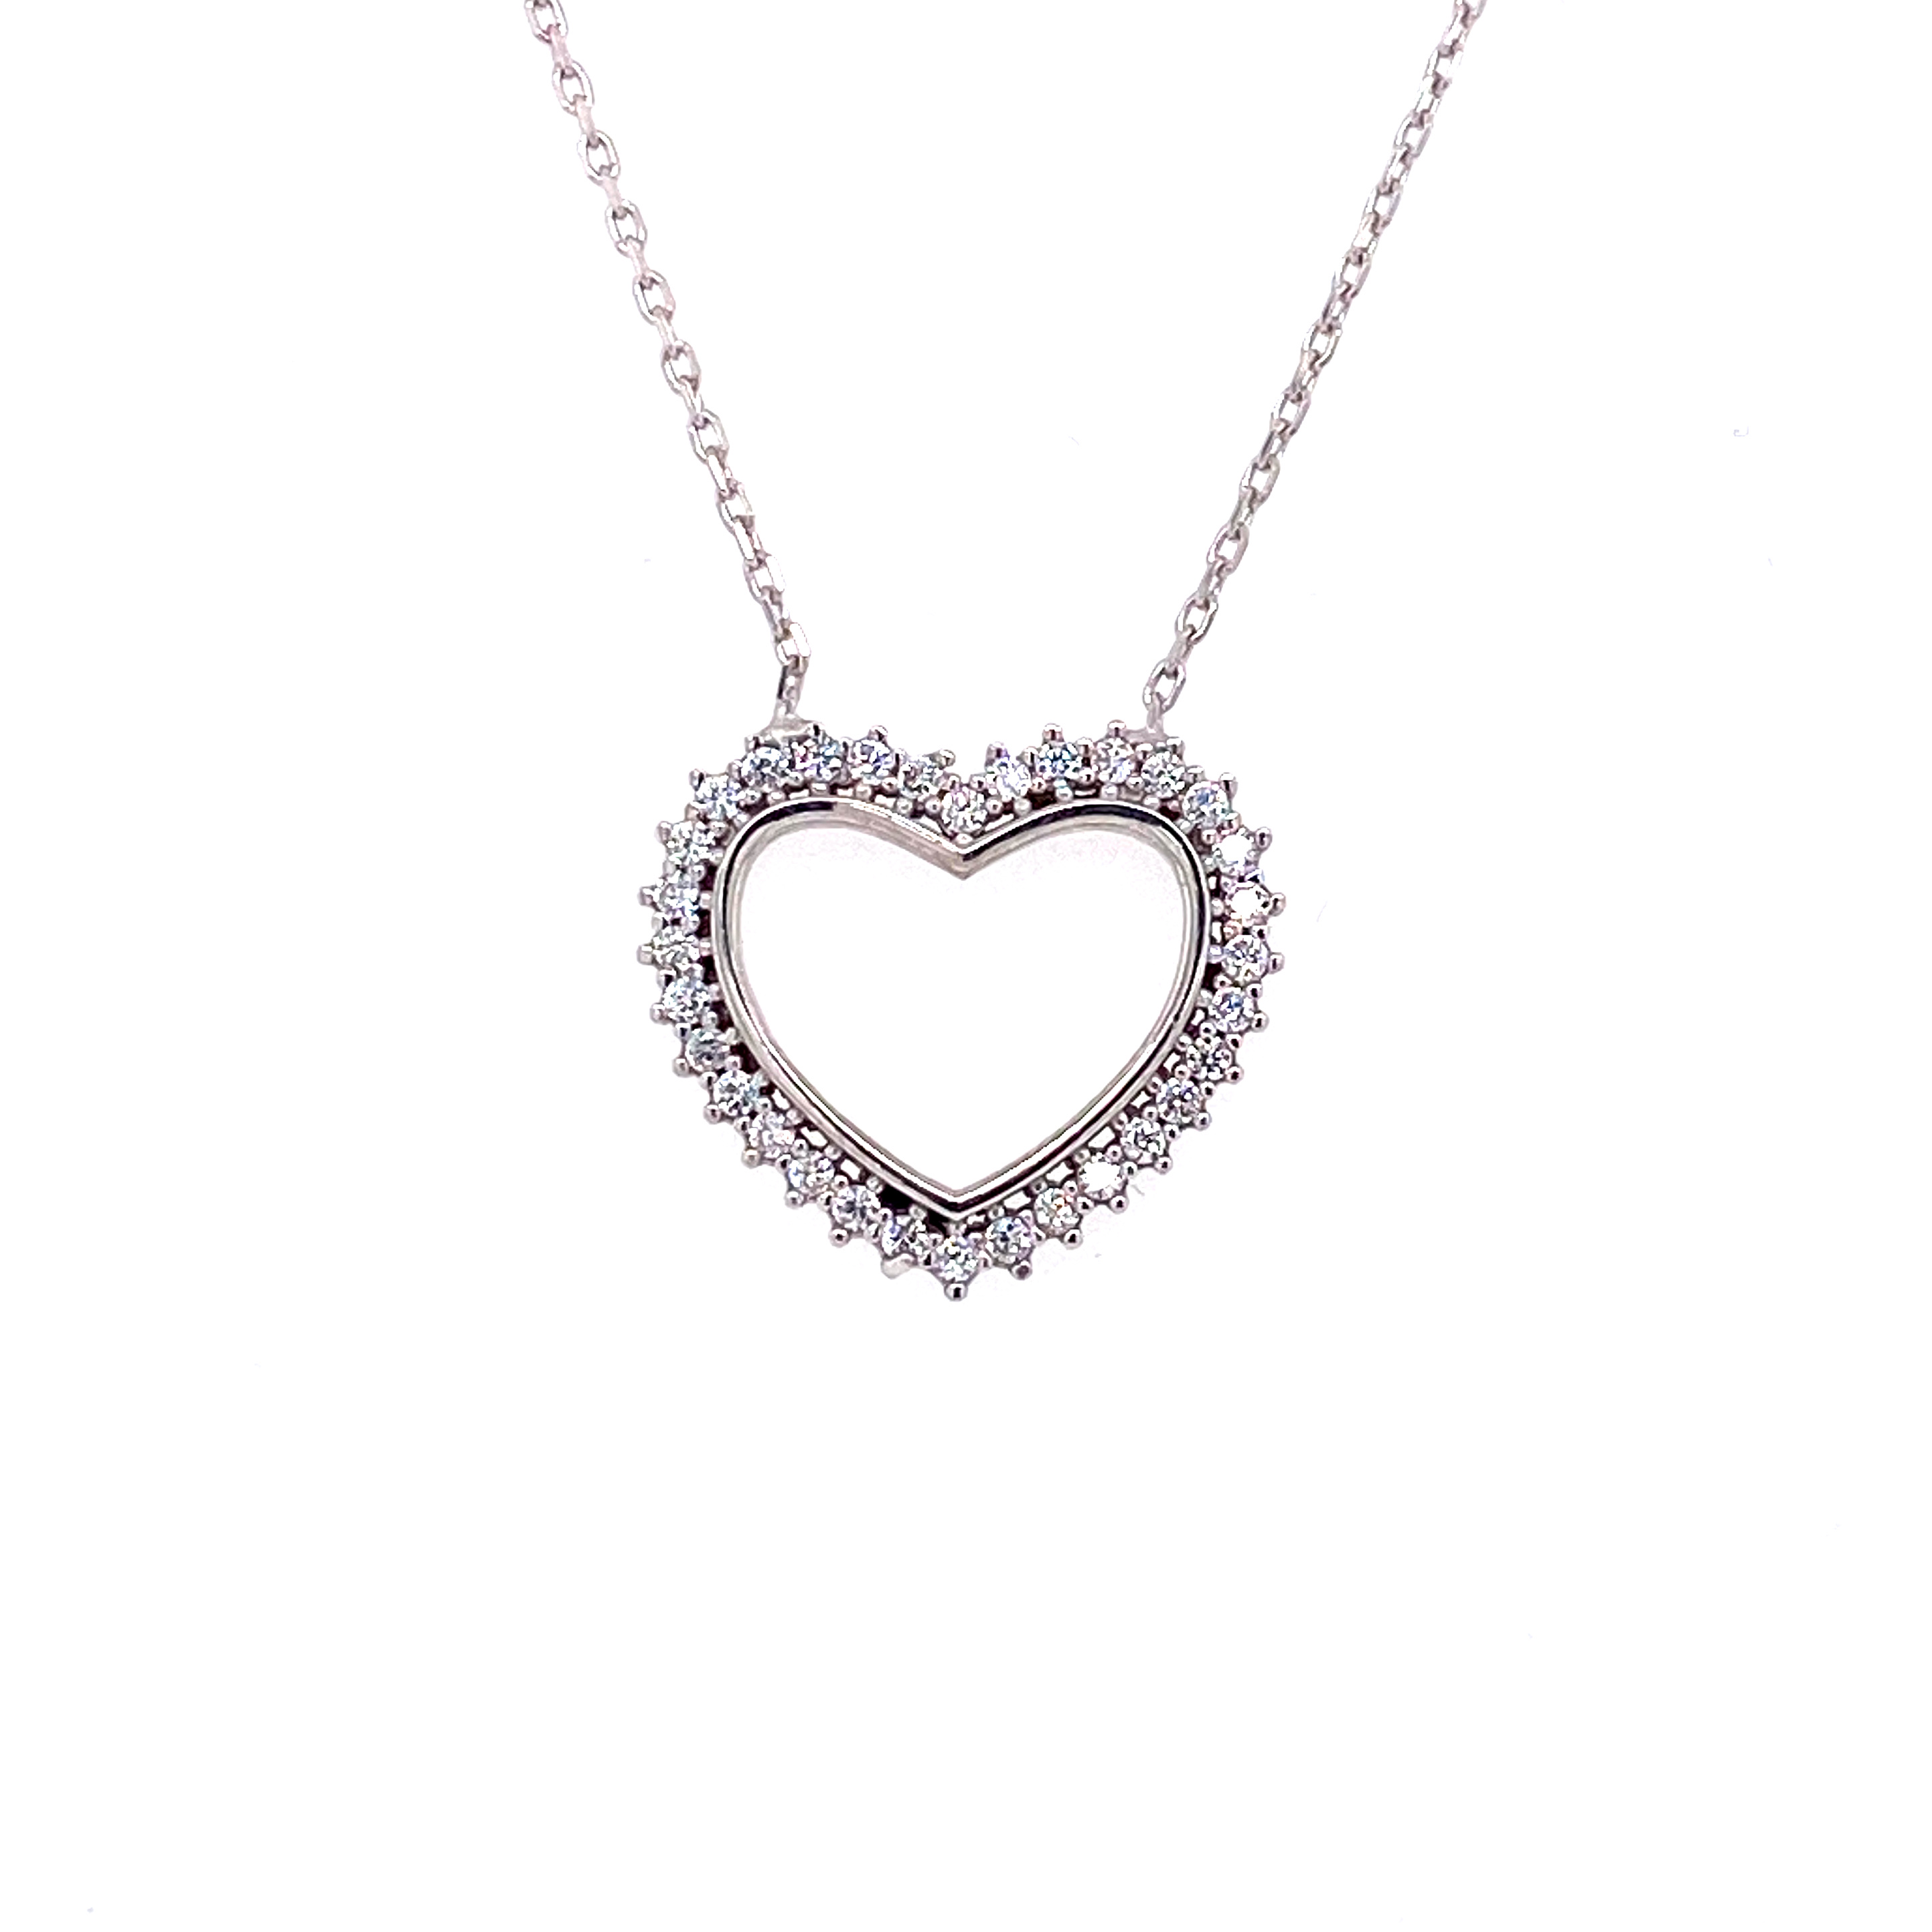 925 Silber Halskette | Herz Zirkonia